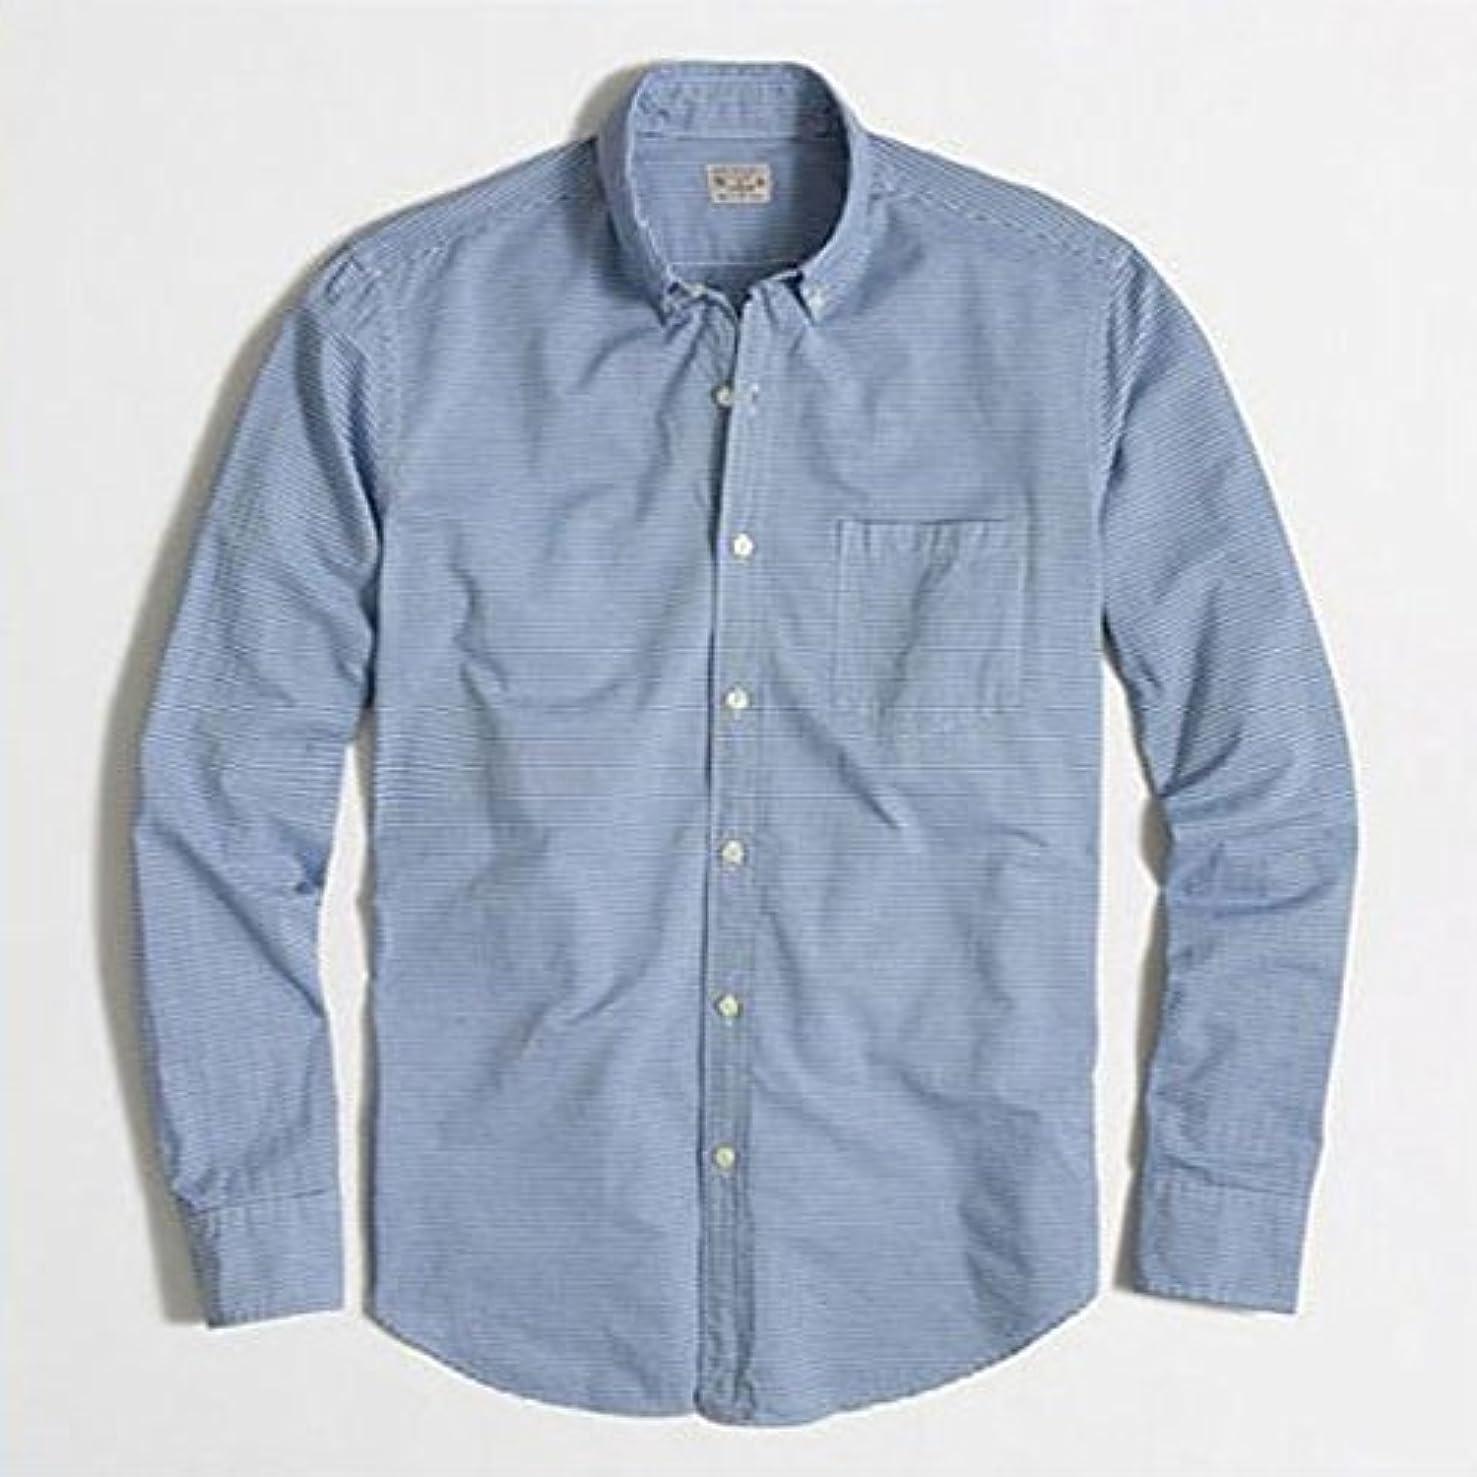 みがきます納税者保険[ジェイクルー] J.CREW 正規品 メンズ 長袖シャツ WASHED SHIRT IN HORIZONTAL STRIPE 並行輸入品 (コード:4075783819)